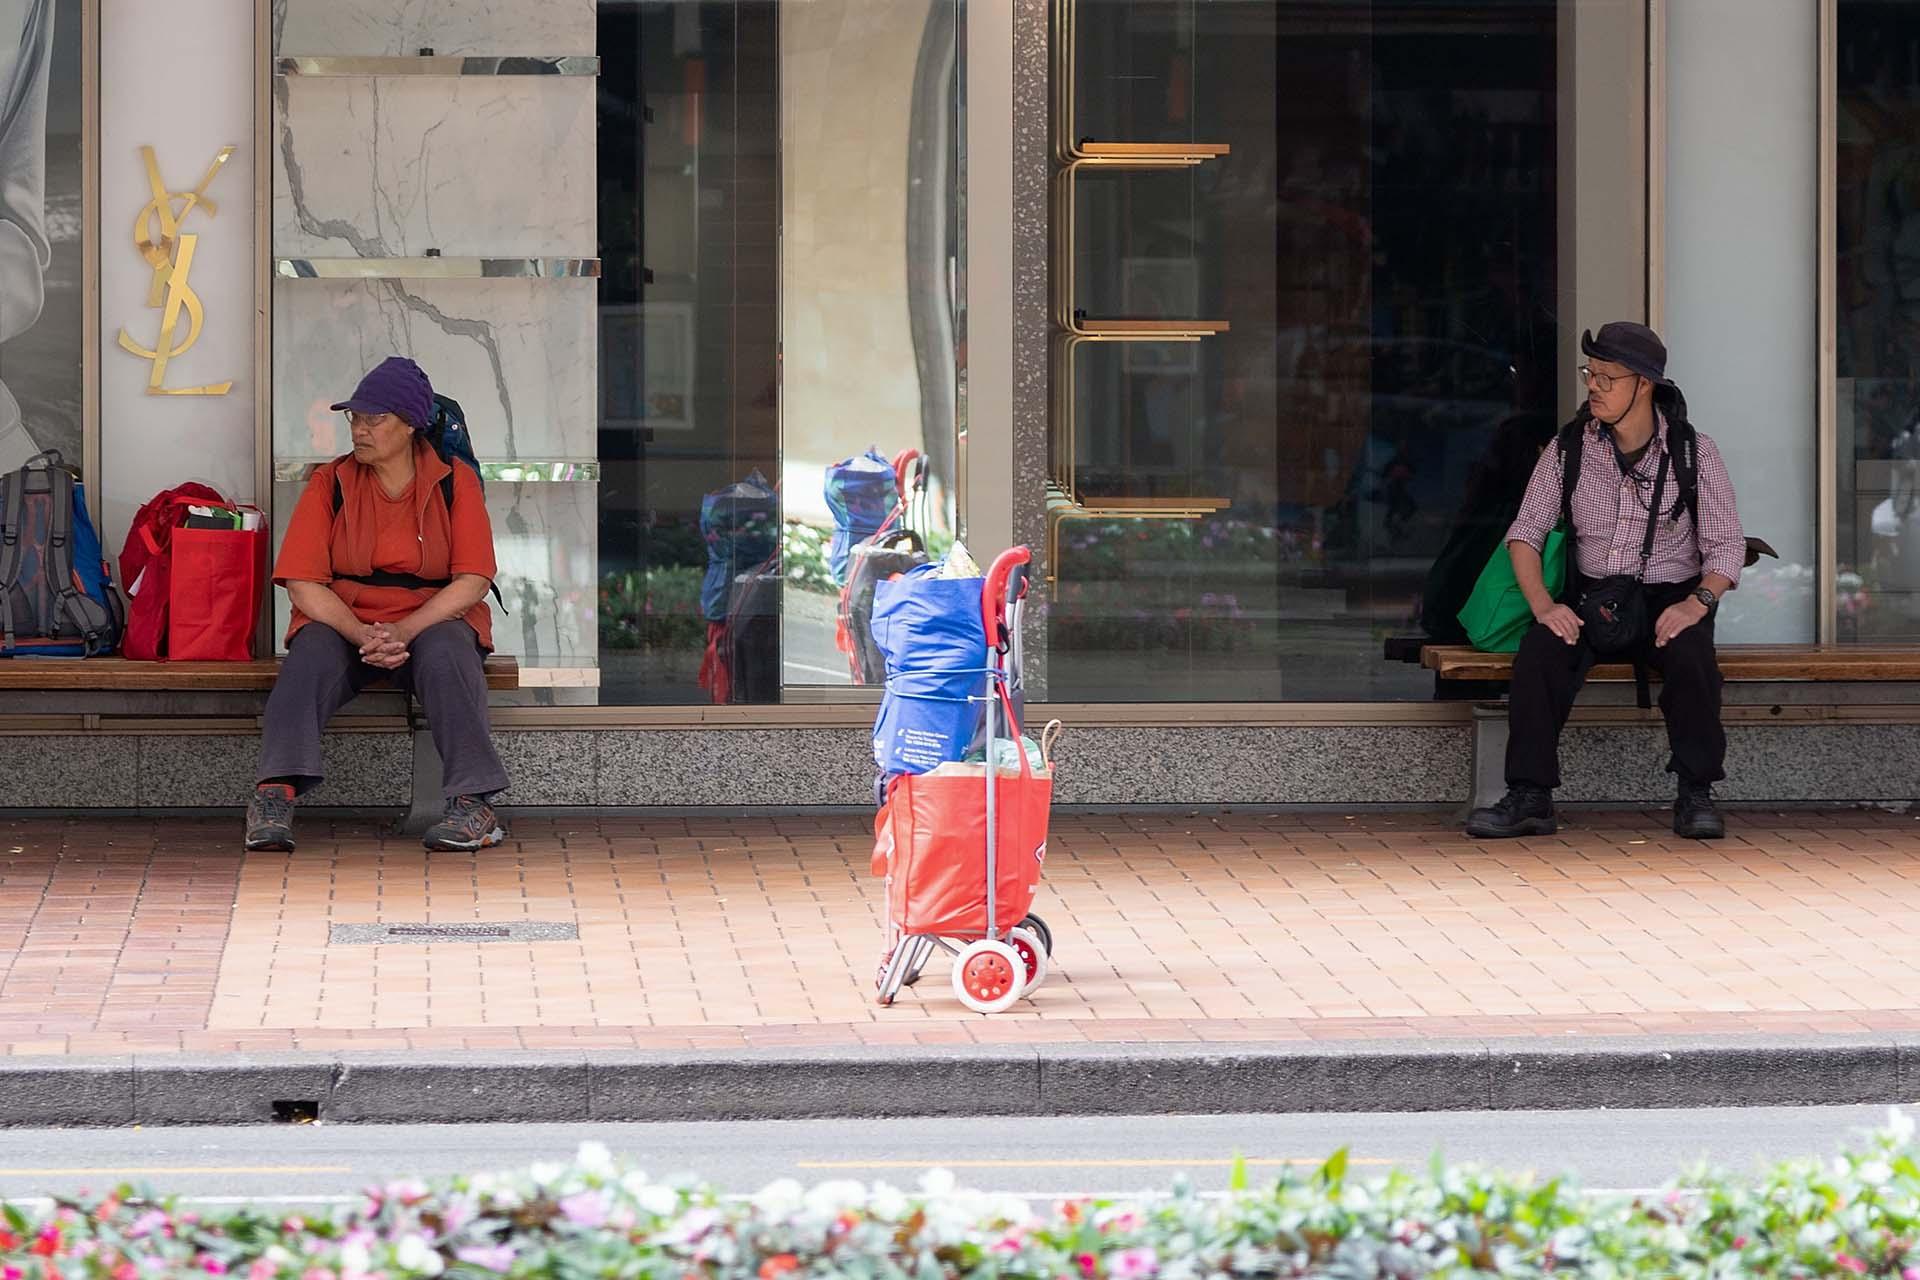 Dos personas esperan un autobus en el centro de Wellington, en Nueva Zelanda.